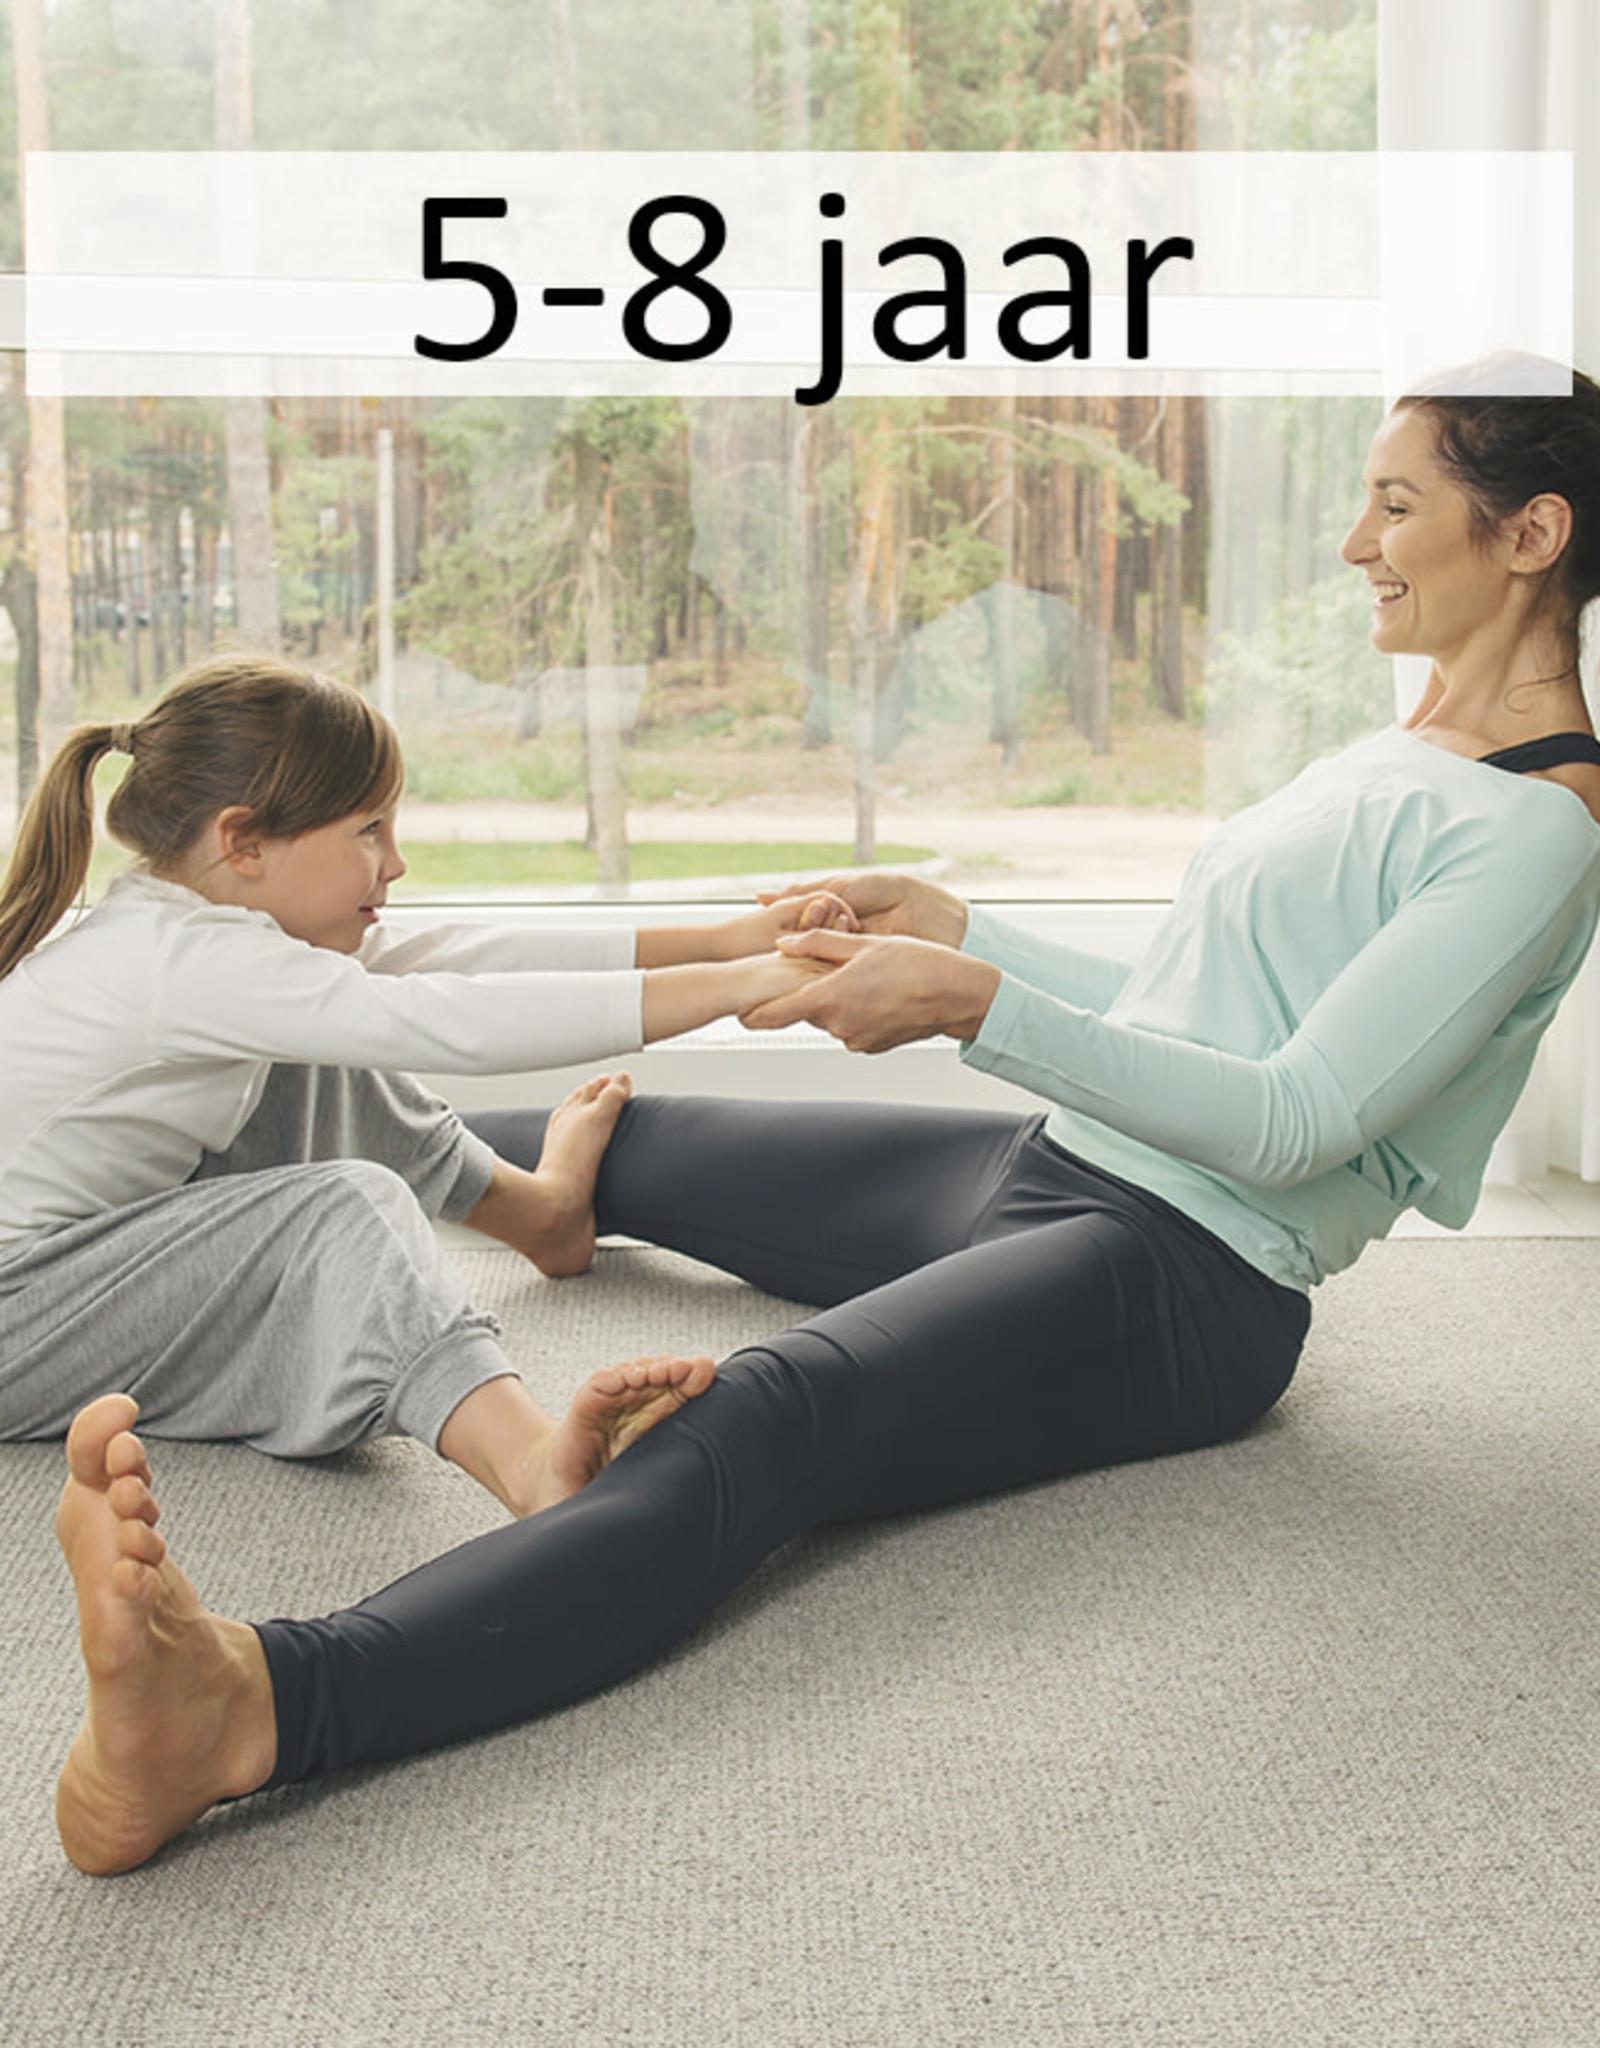 Yogazo 15/11 namiddag: Ouder-kind yoga 5-8jaar